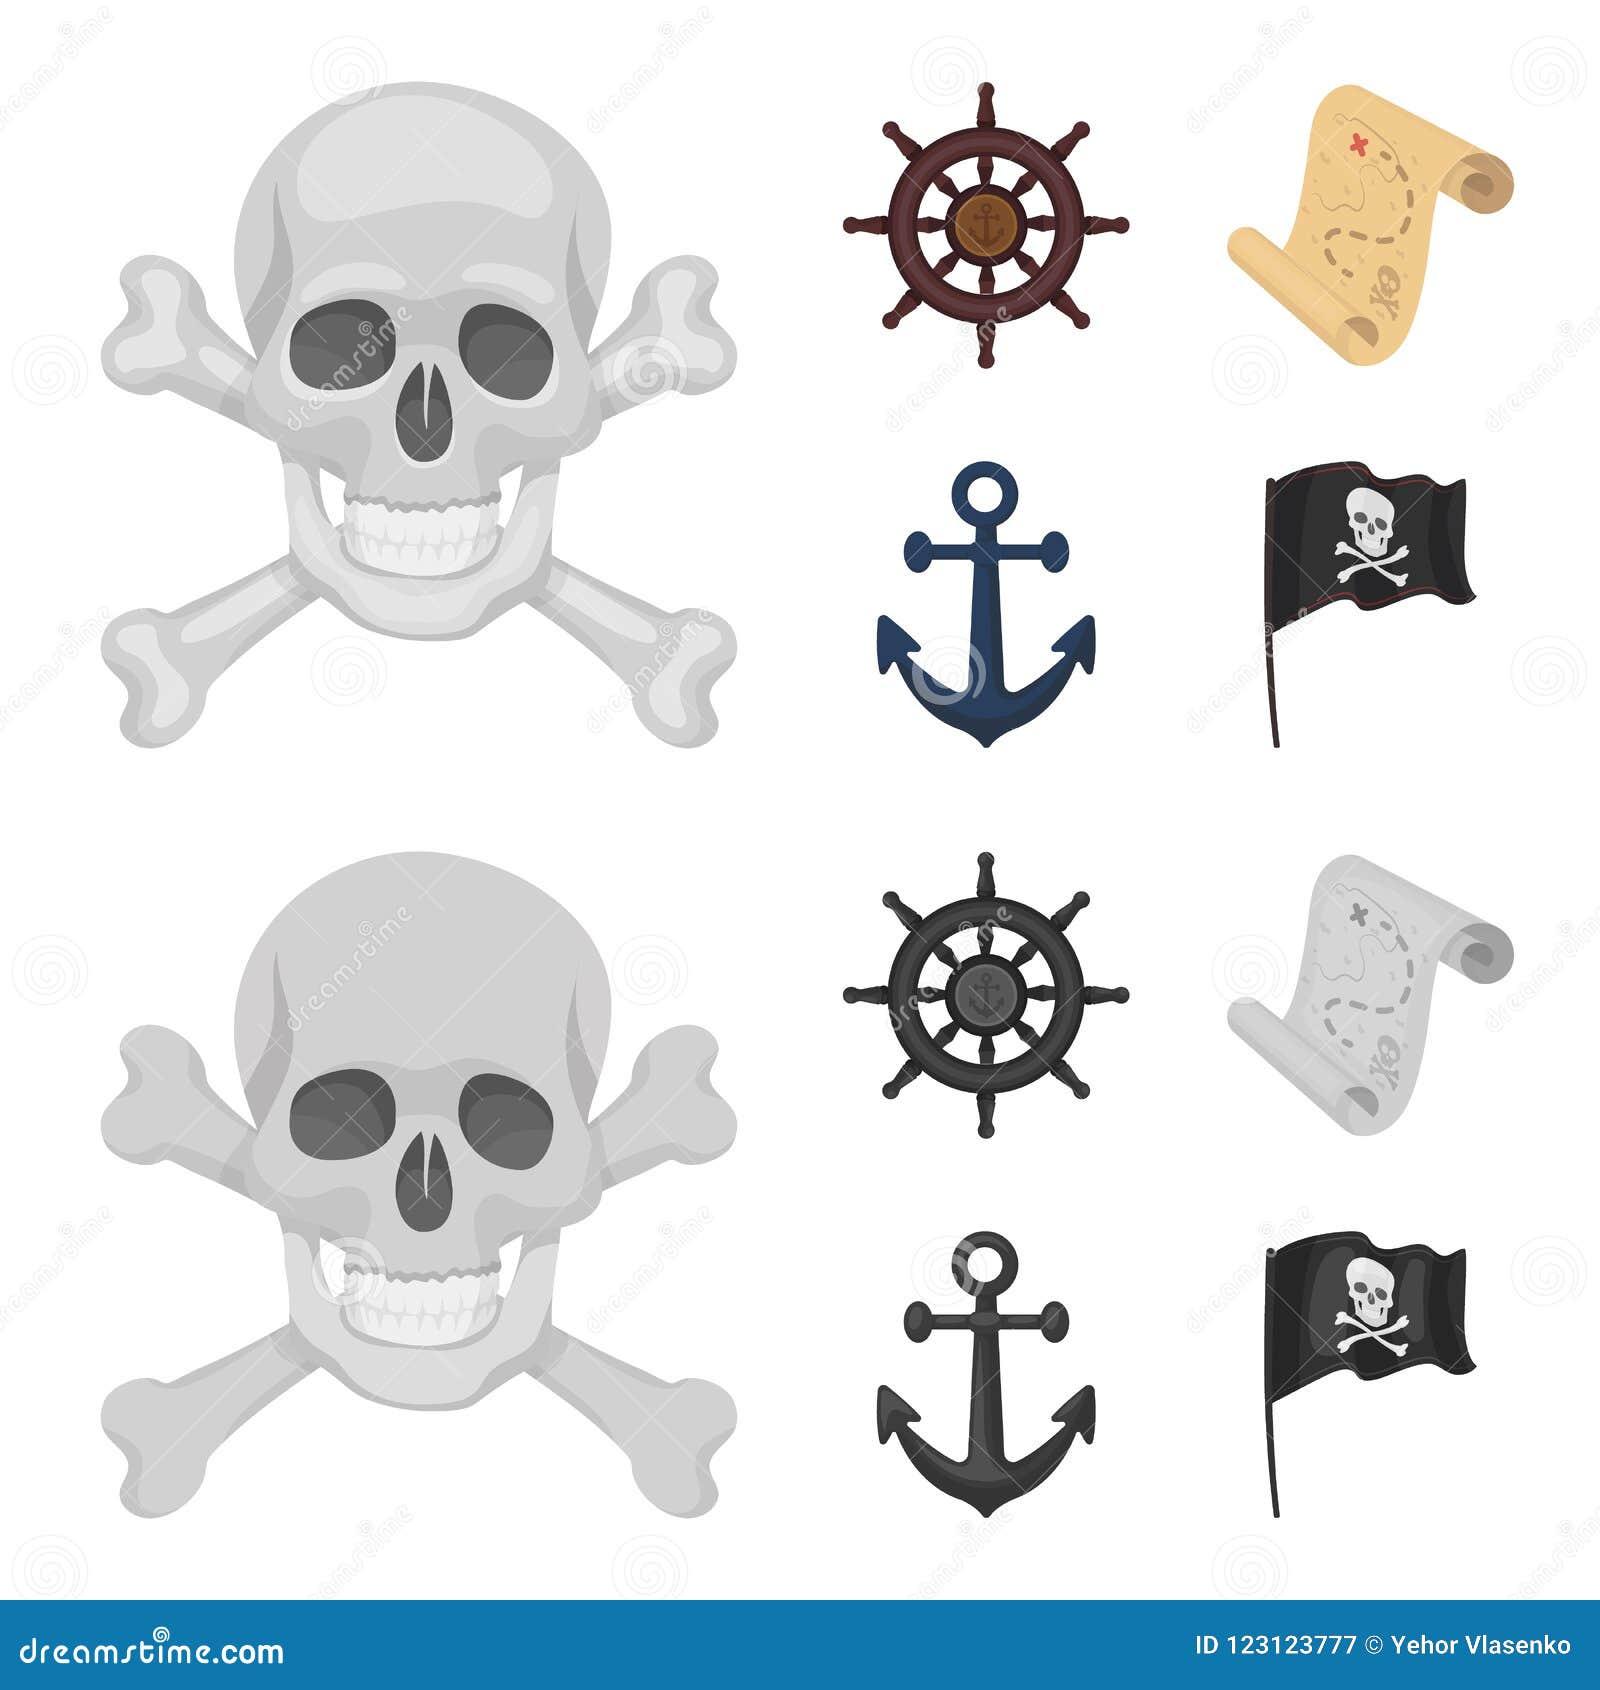 Piraat, bandiet, leidraad, vlag De piraten plaatsen inzamelingspictogrammen in beeldverhaal, zwart-wit de voorraadillustratie van